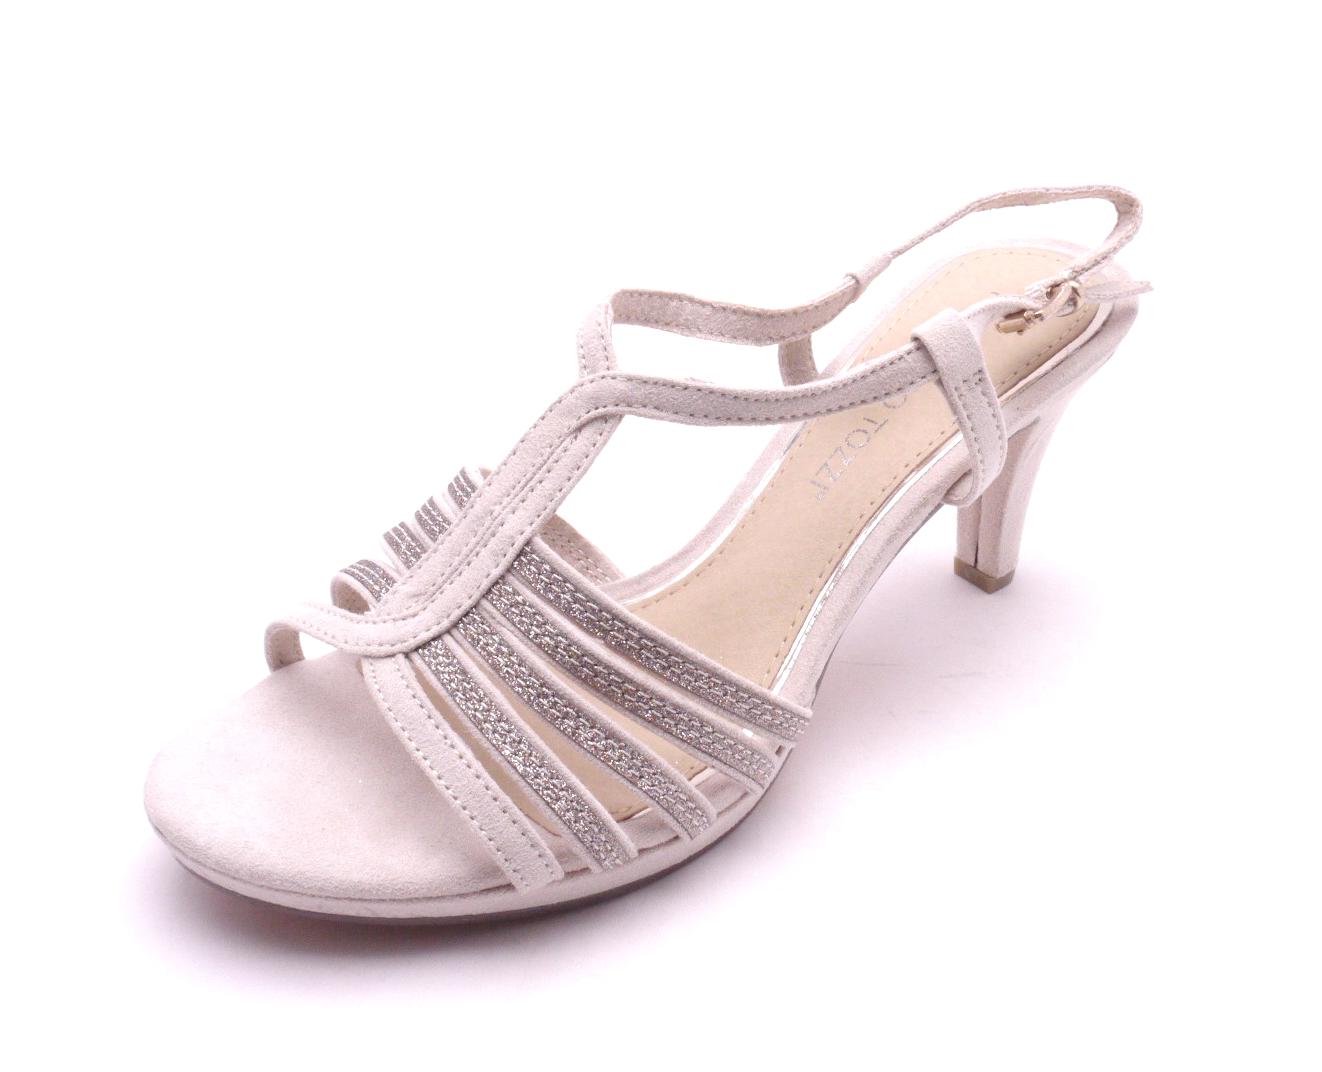 b43a1ecf542f Marco Tozzi Dámské béžové sandály na podpatku 2-28303-435 Velikost  39